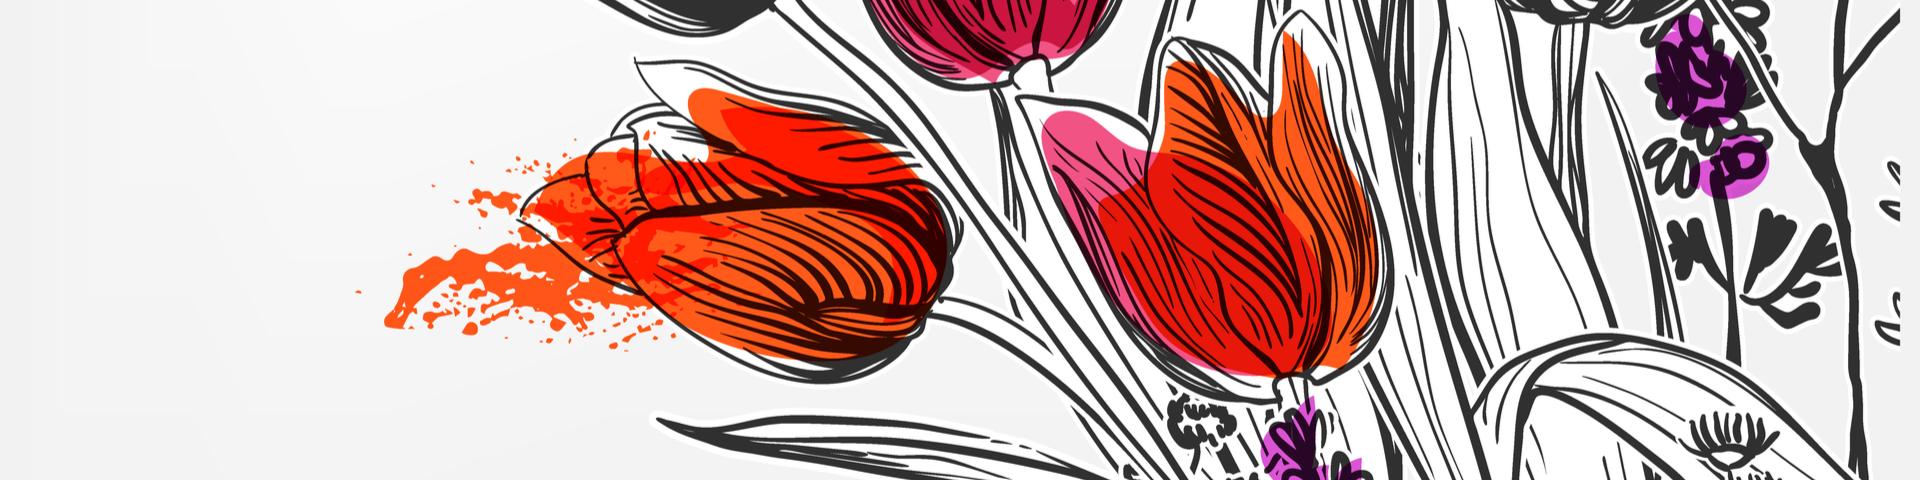 Tulpen gezeichnet zum Valentinstag